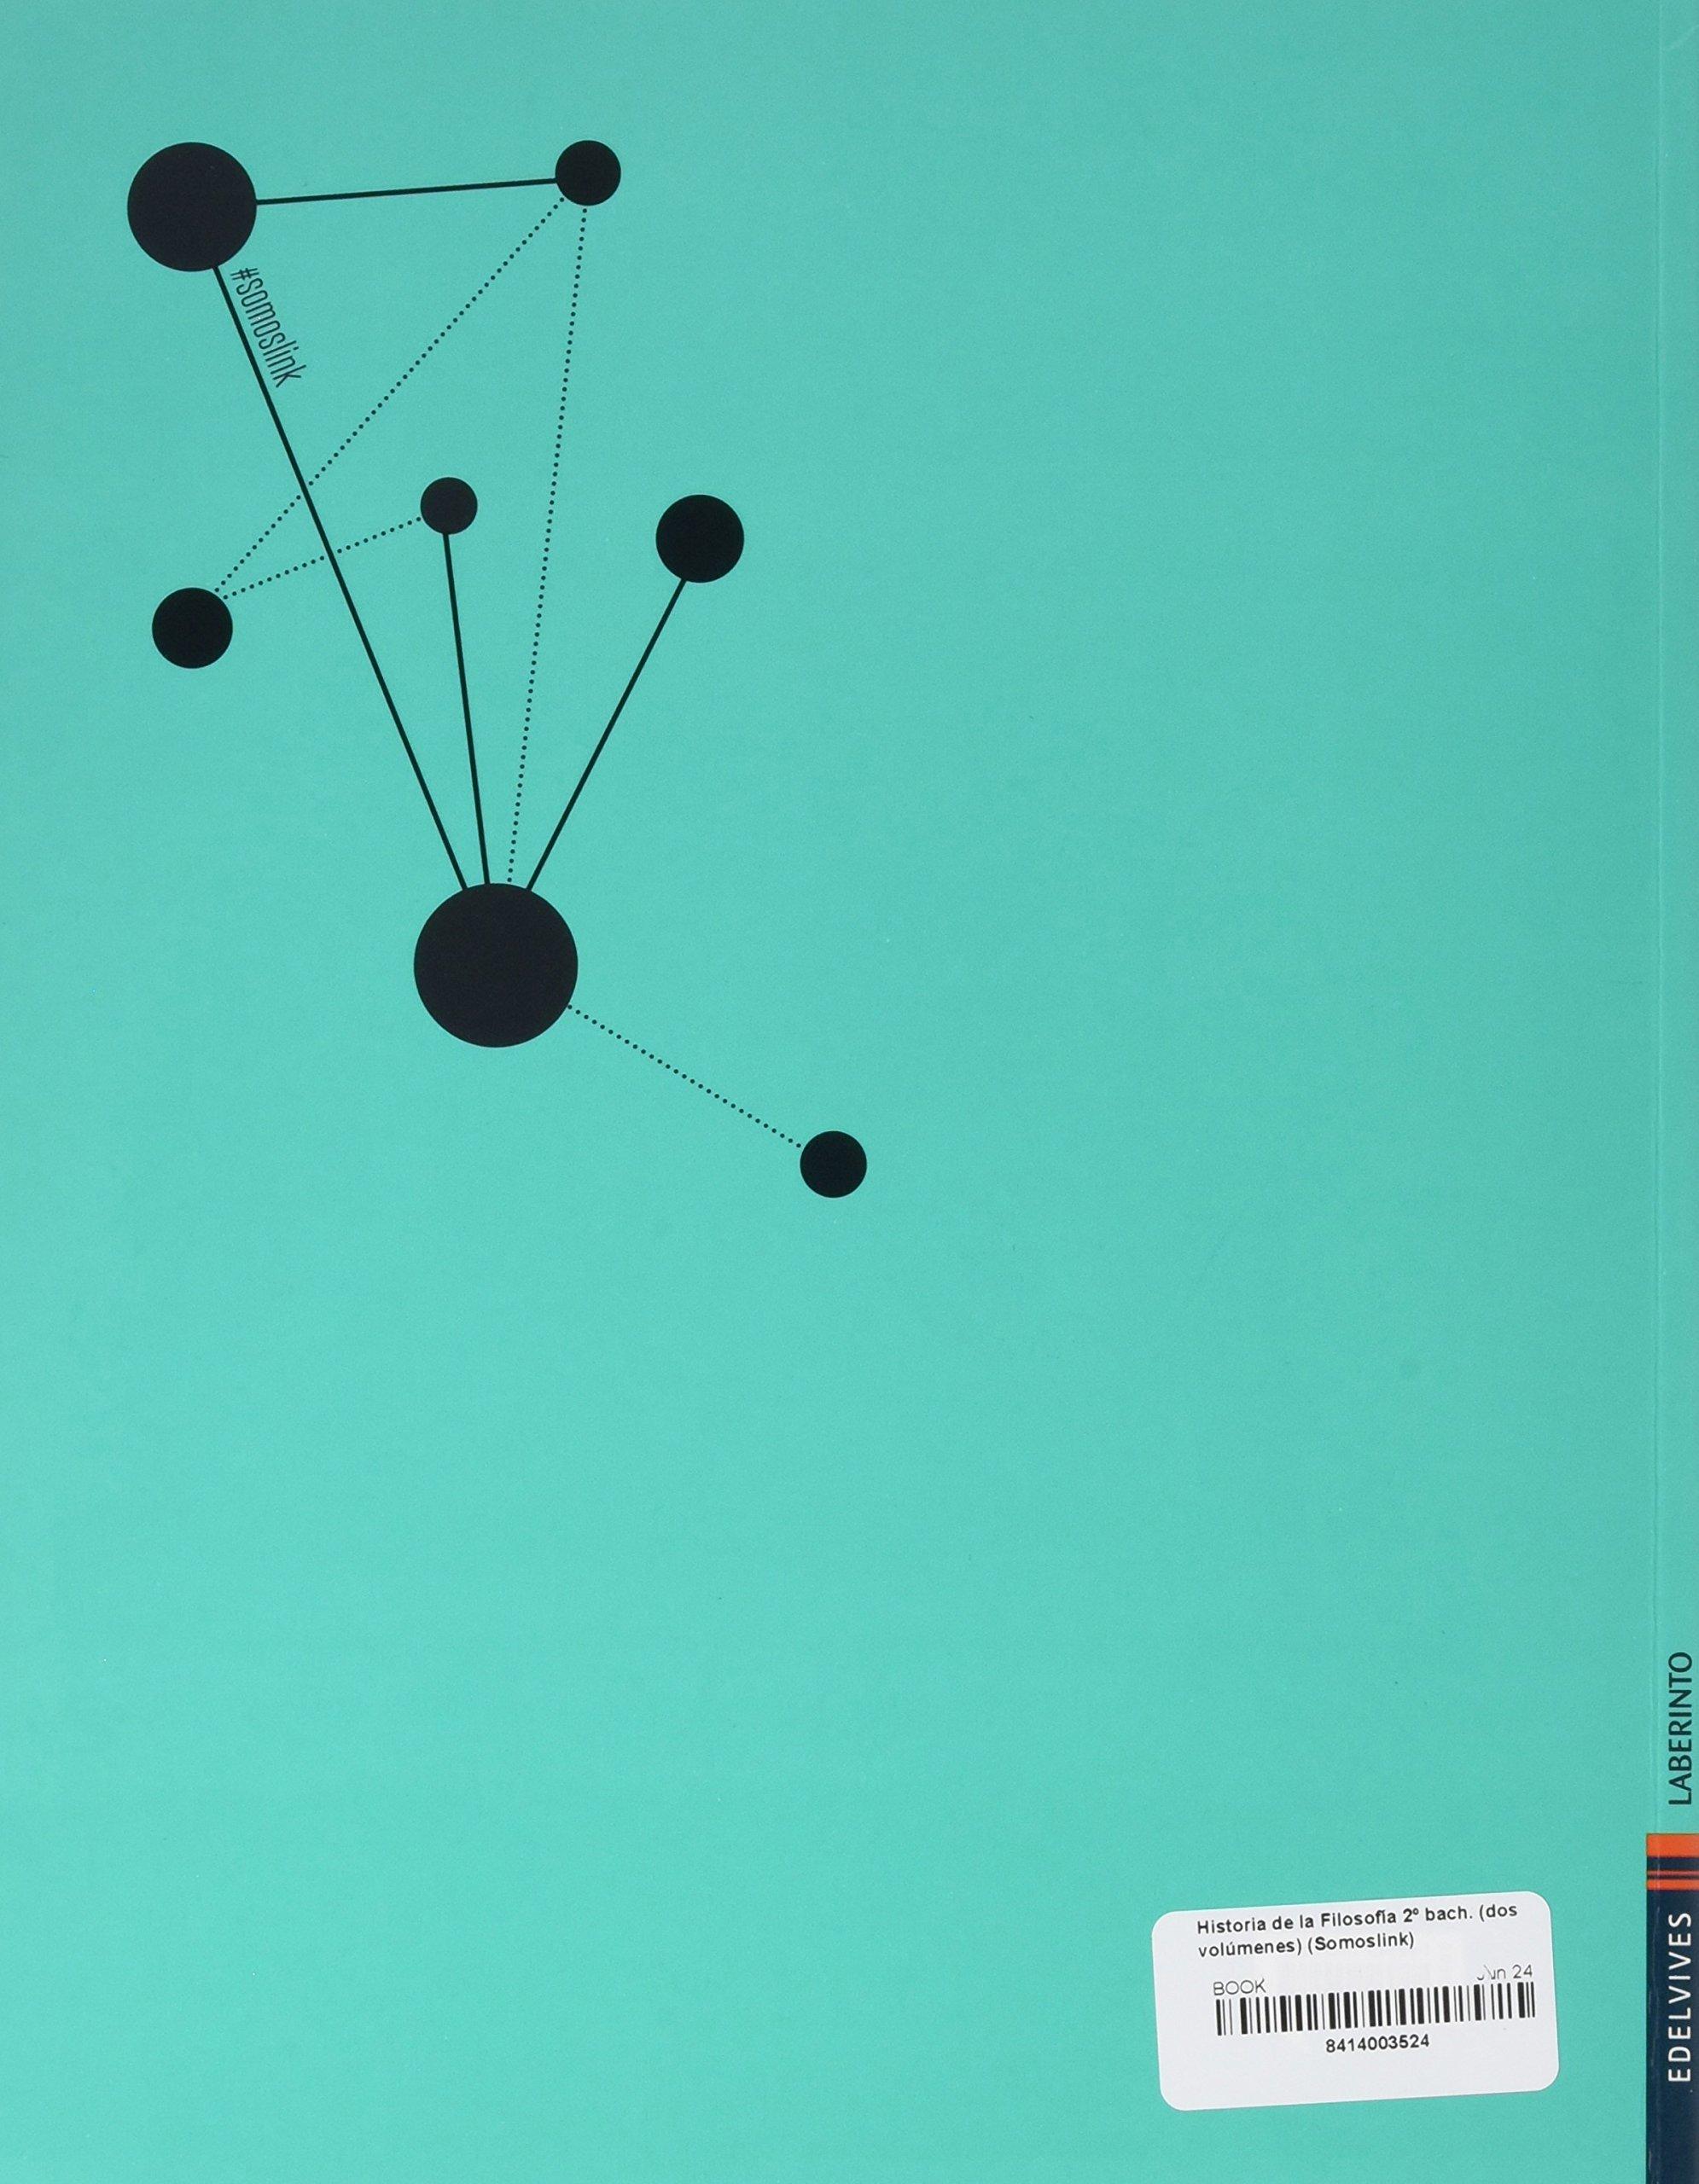 Historia de la Filosofía 2º bach. dos volúmenes Somoslink - 9788414003527: Amazon.es: Baigorri Goñi, José Antonio, Cifuentes Pérez, Luis Mª, Pichel Martín, Jesús, Trapiello García, Víctor: Libros